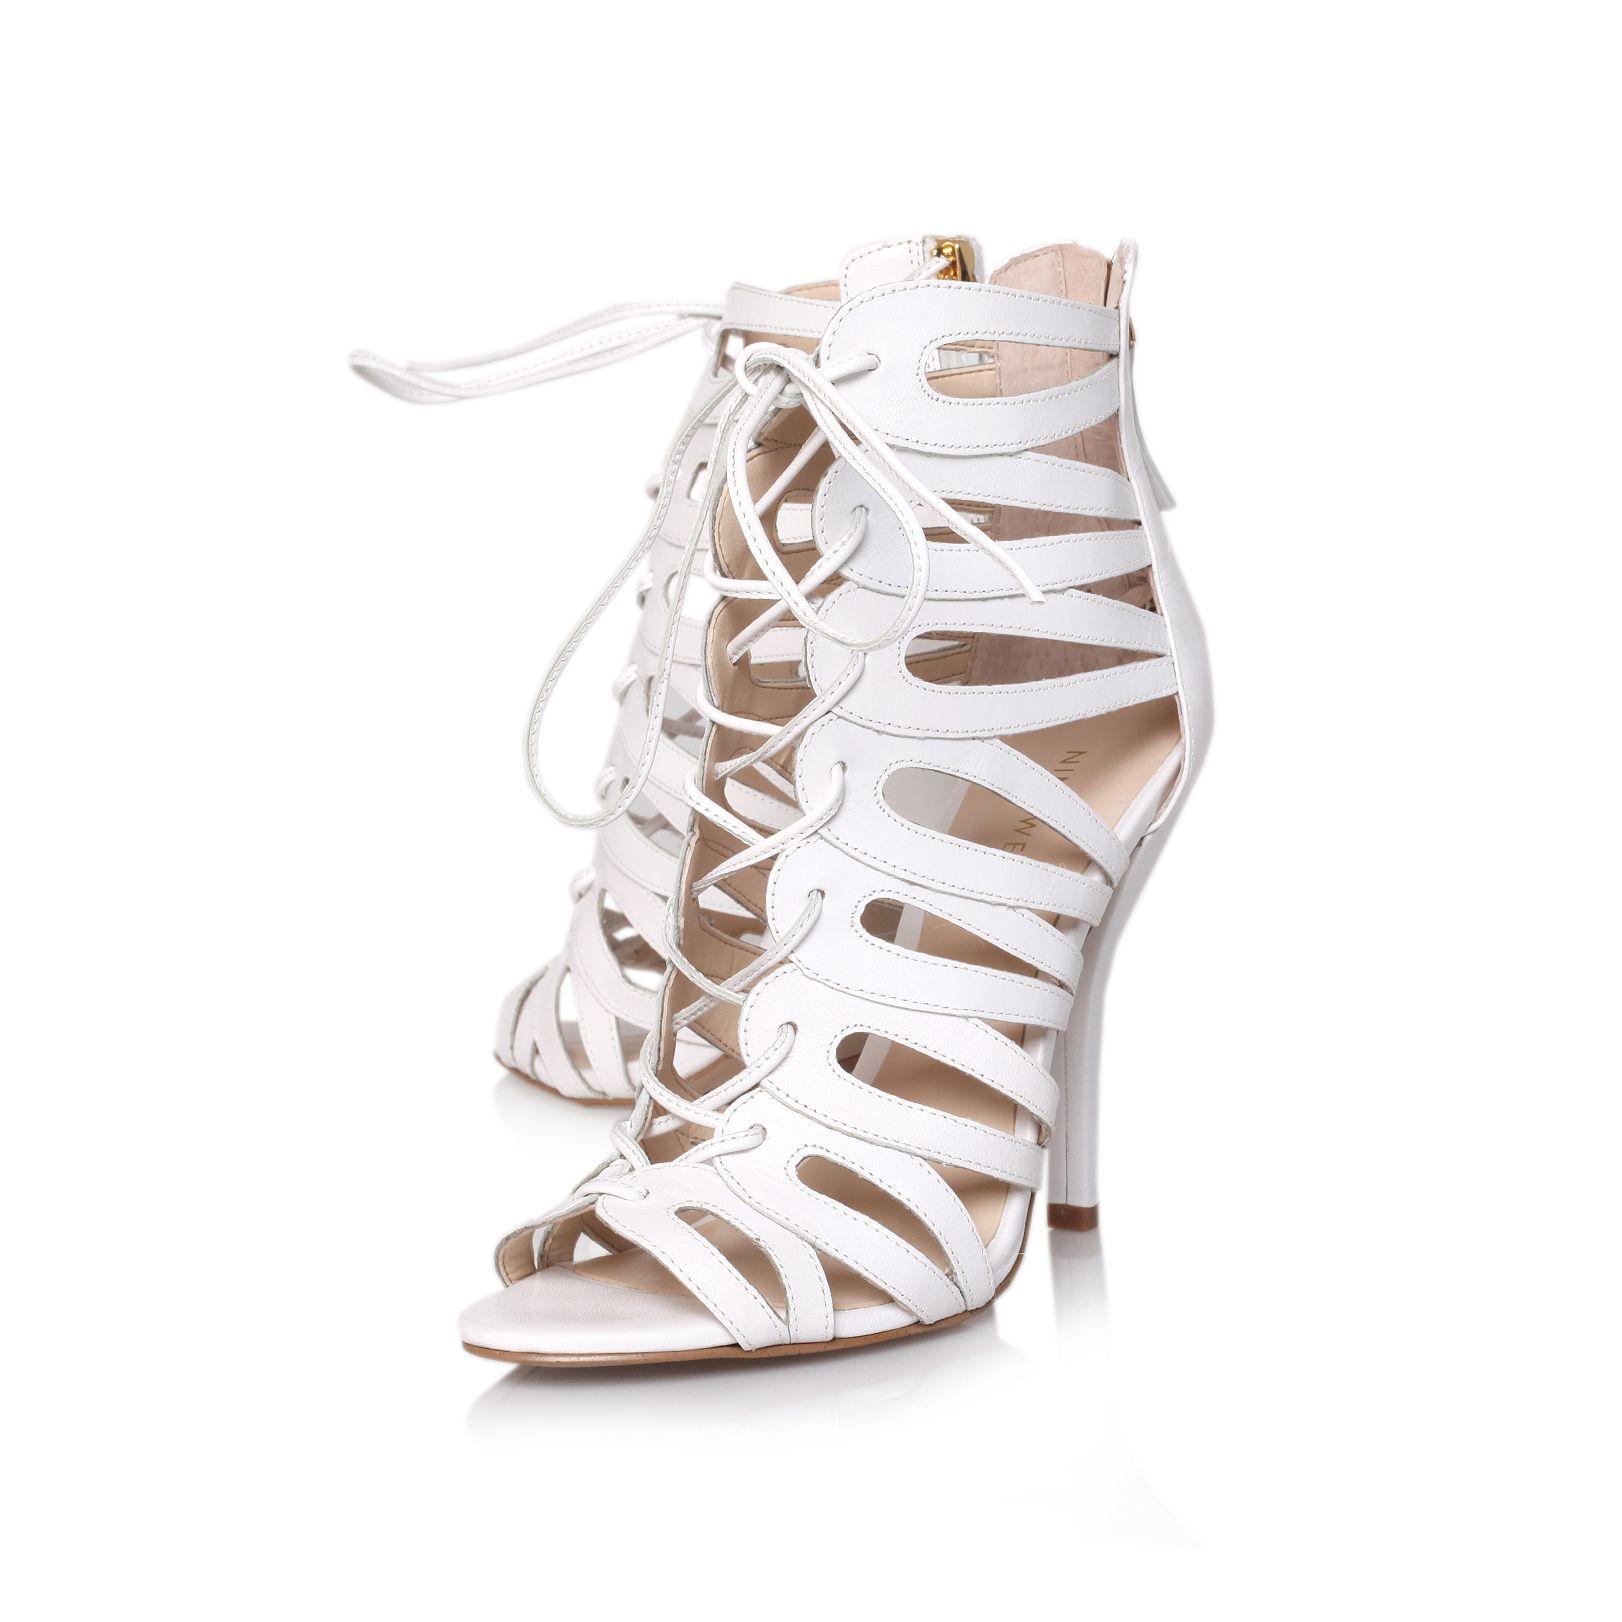 Nine West Kenie Sandals In White Lyst